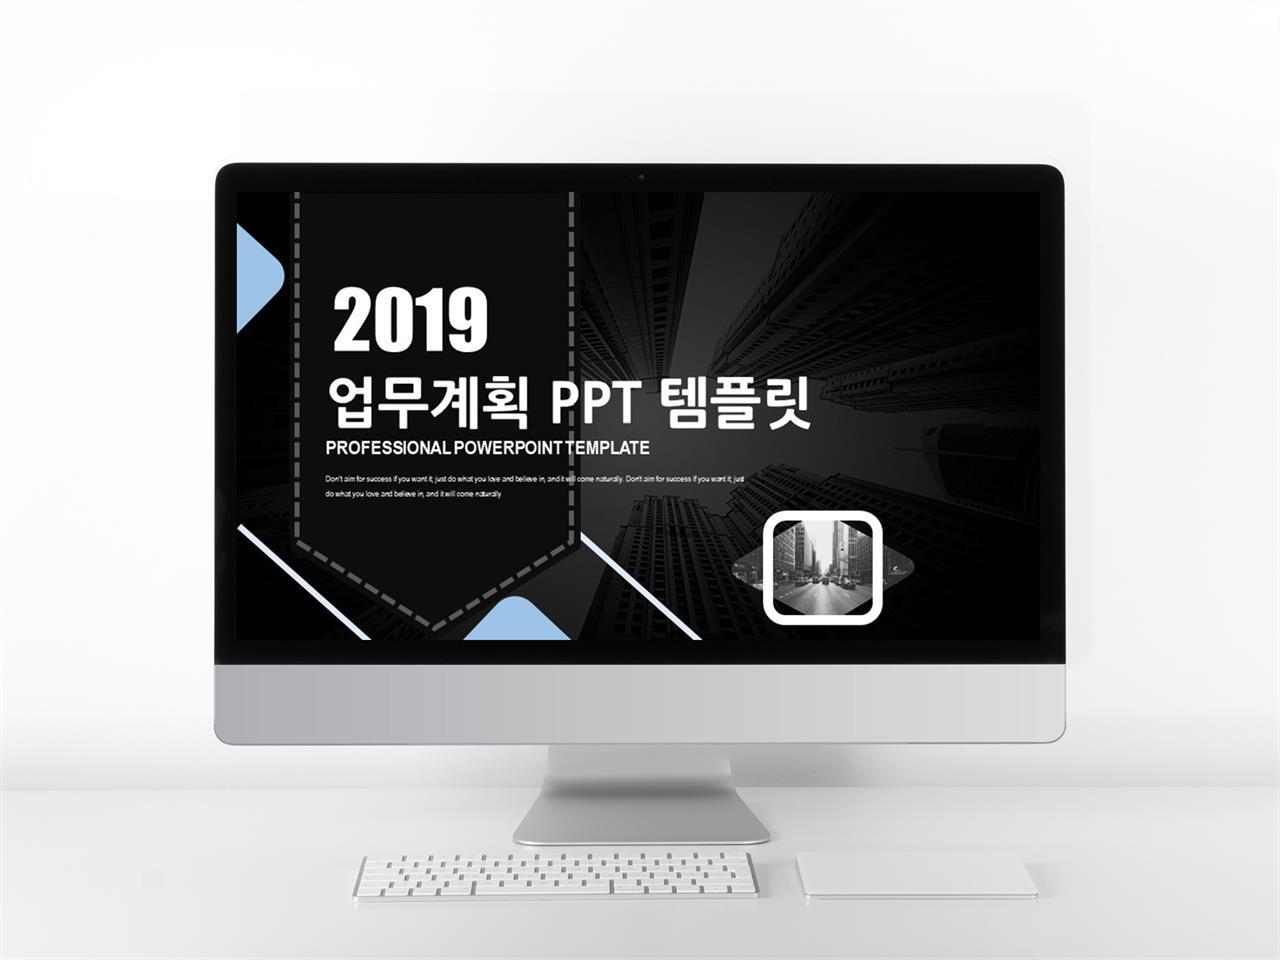 업무관리 검은색 시크한 발표용 파워포인트템플릿 다운 미리보기